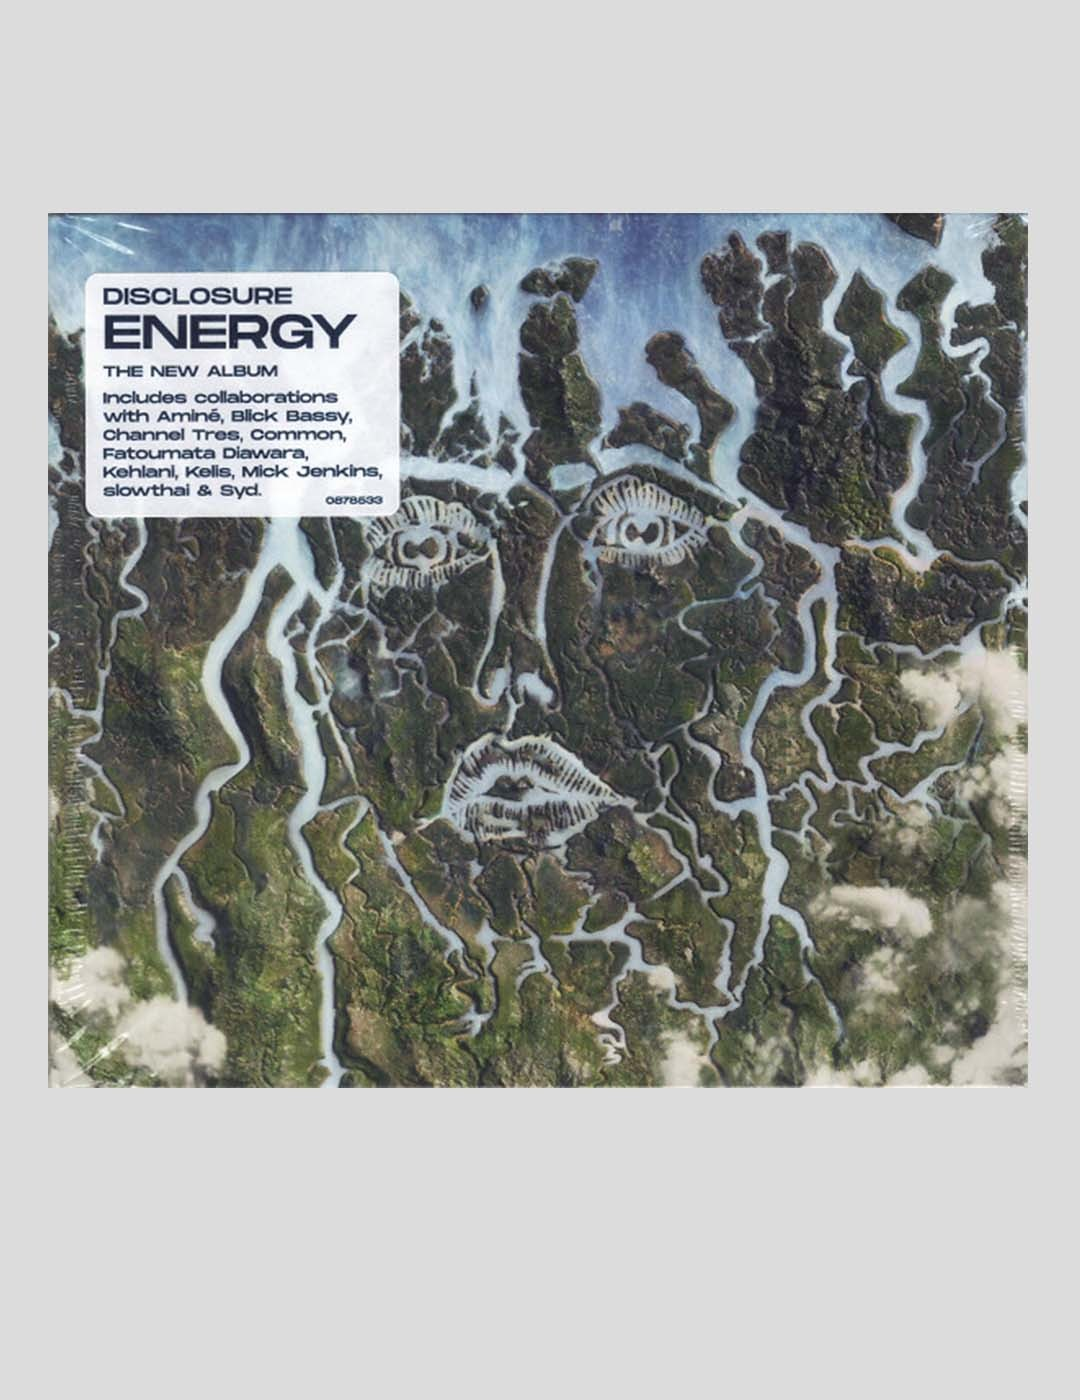 VINILO DISCLOSURE - ENERGY 2LPS VINYL